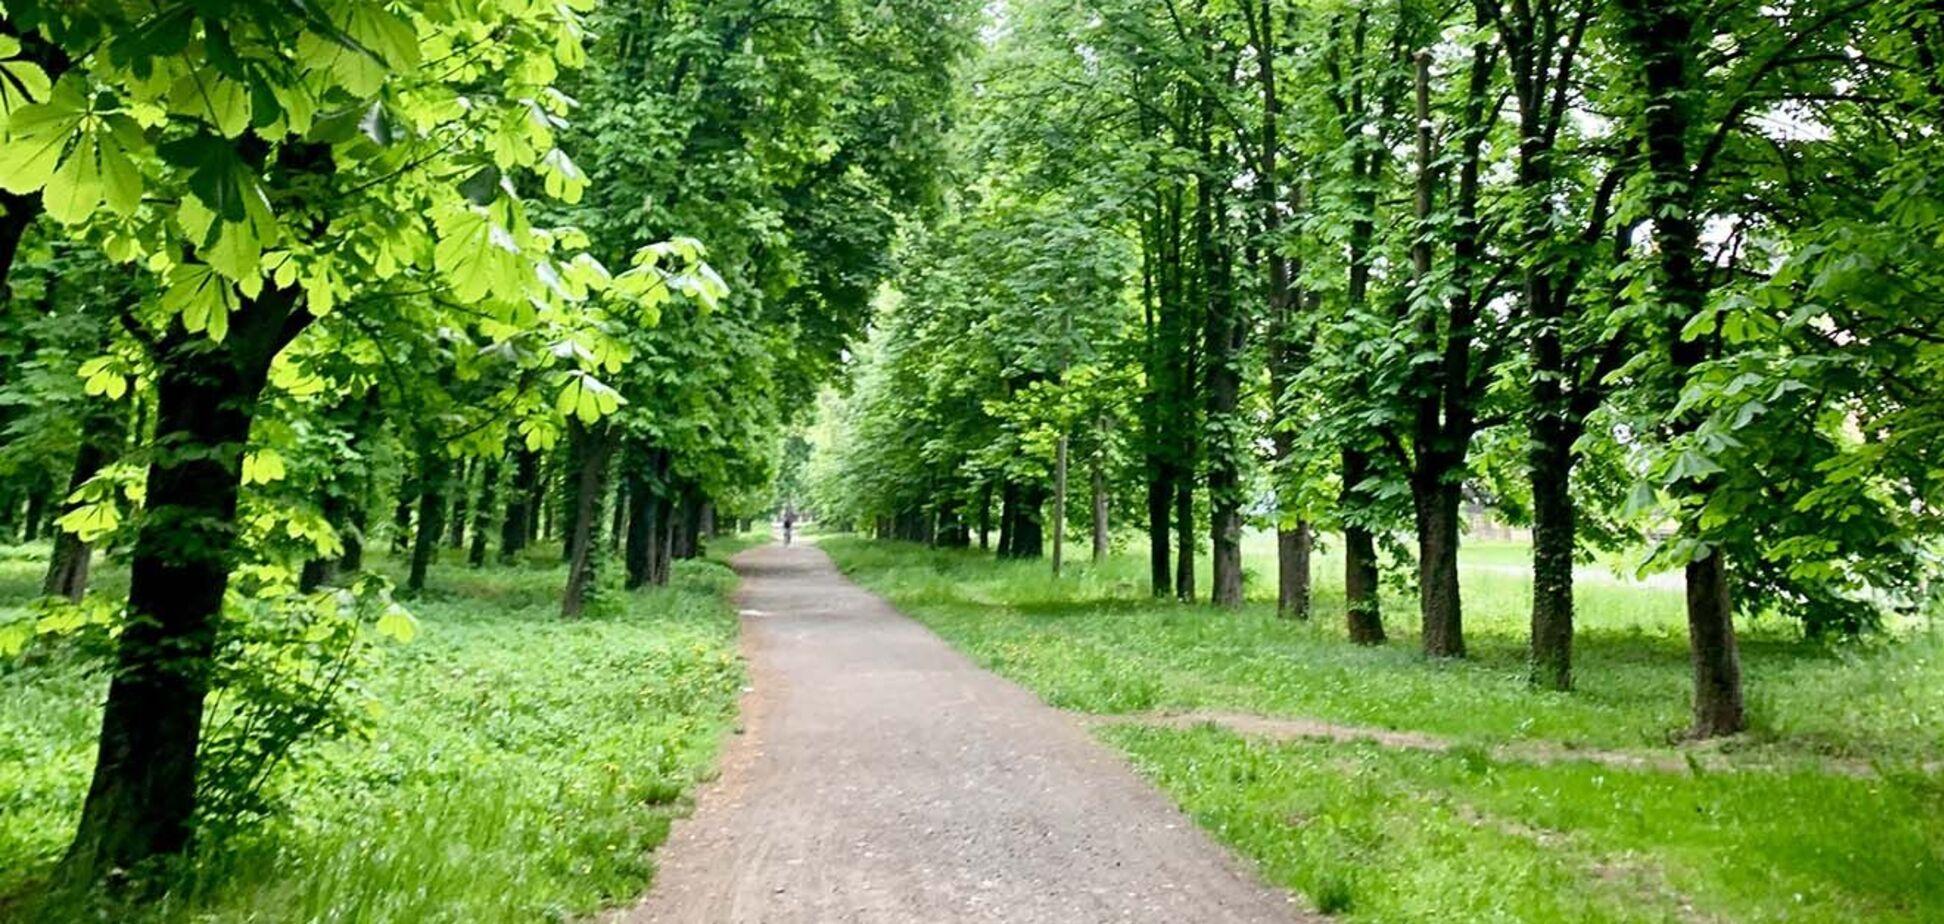 Чи збудеться мрія про мільярд зелених дерев, або Про екологічний турборежим від влади